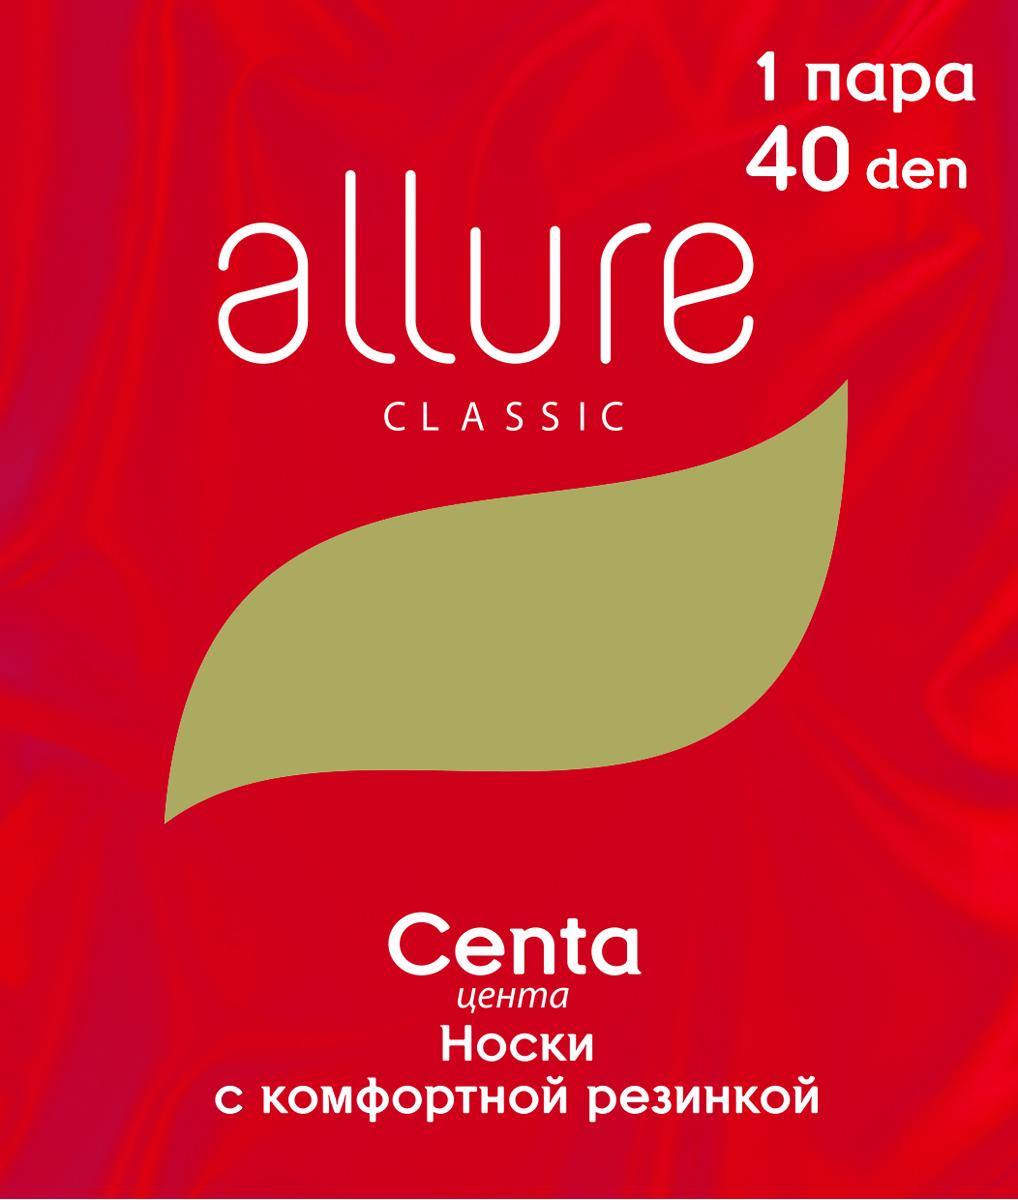 Носки женские Allure Centa 40, цвет:  Glase (бронза).  Размер универсальный Allure